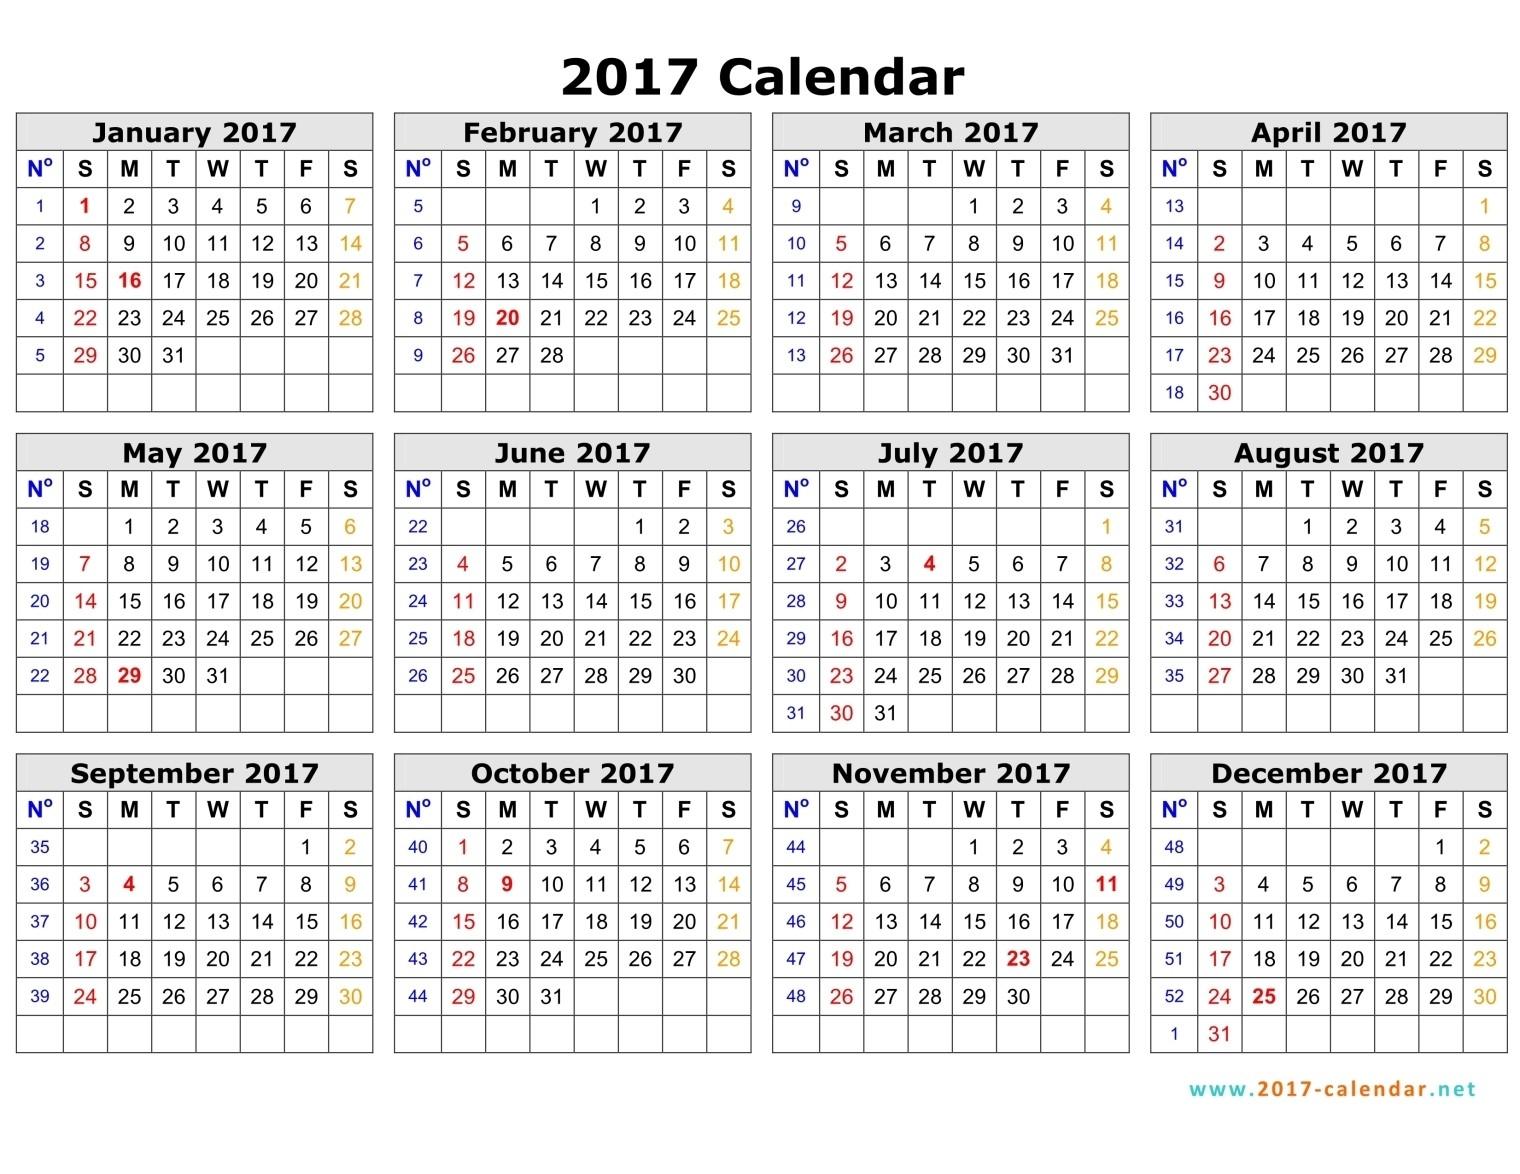 Islamic Calendar 2017 Uk